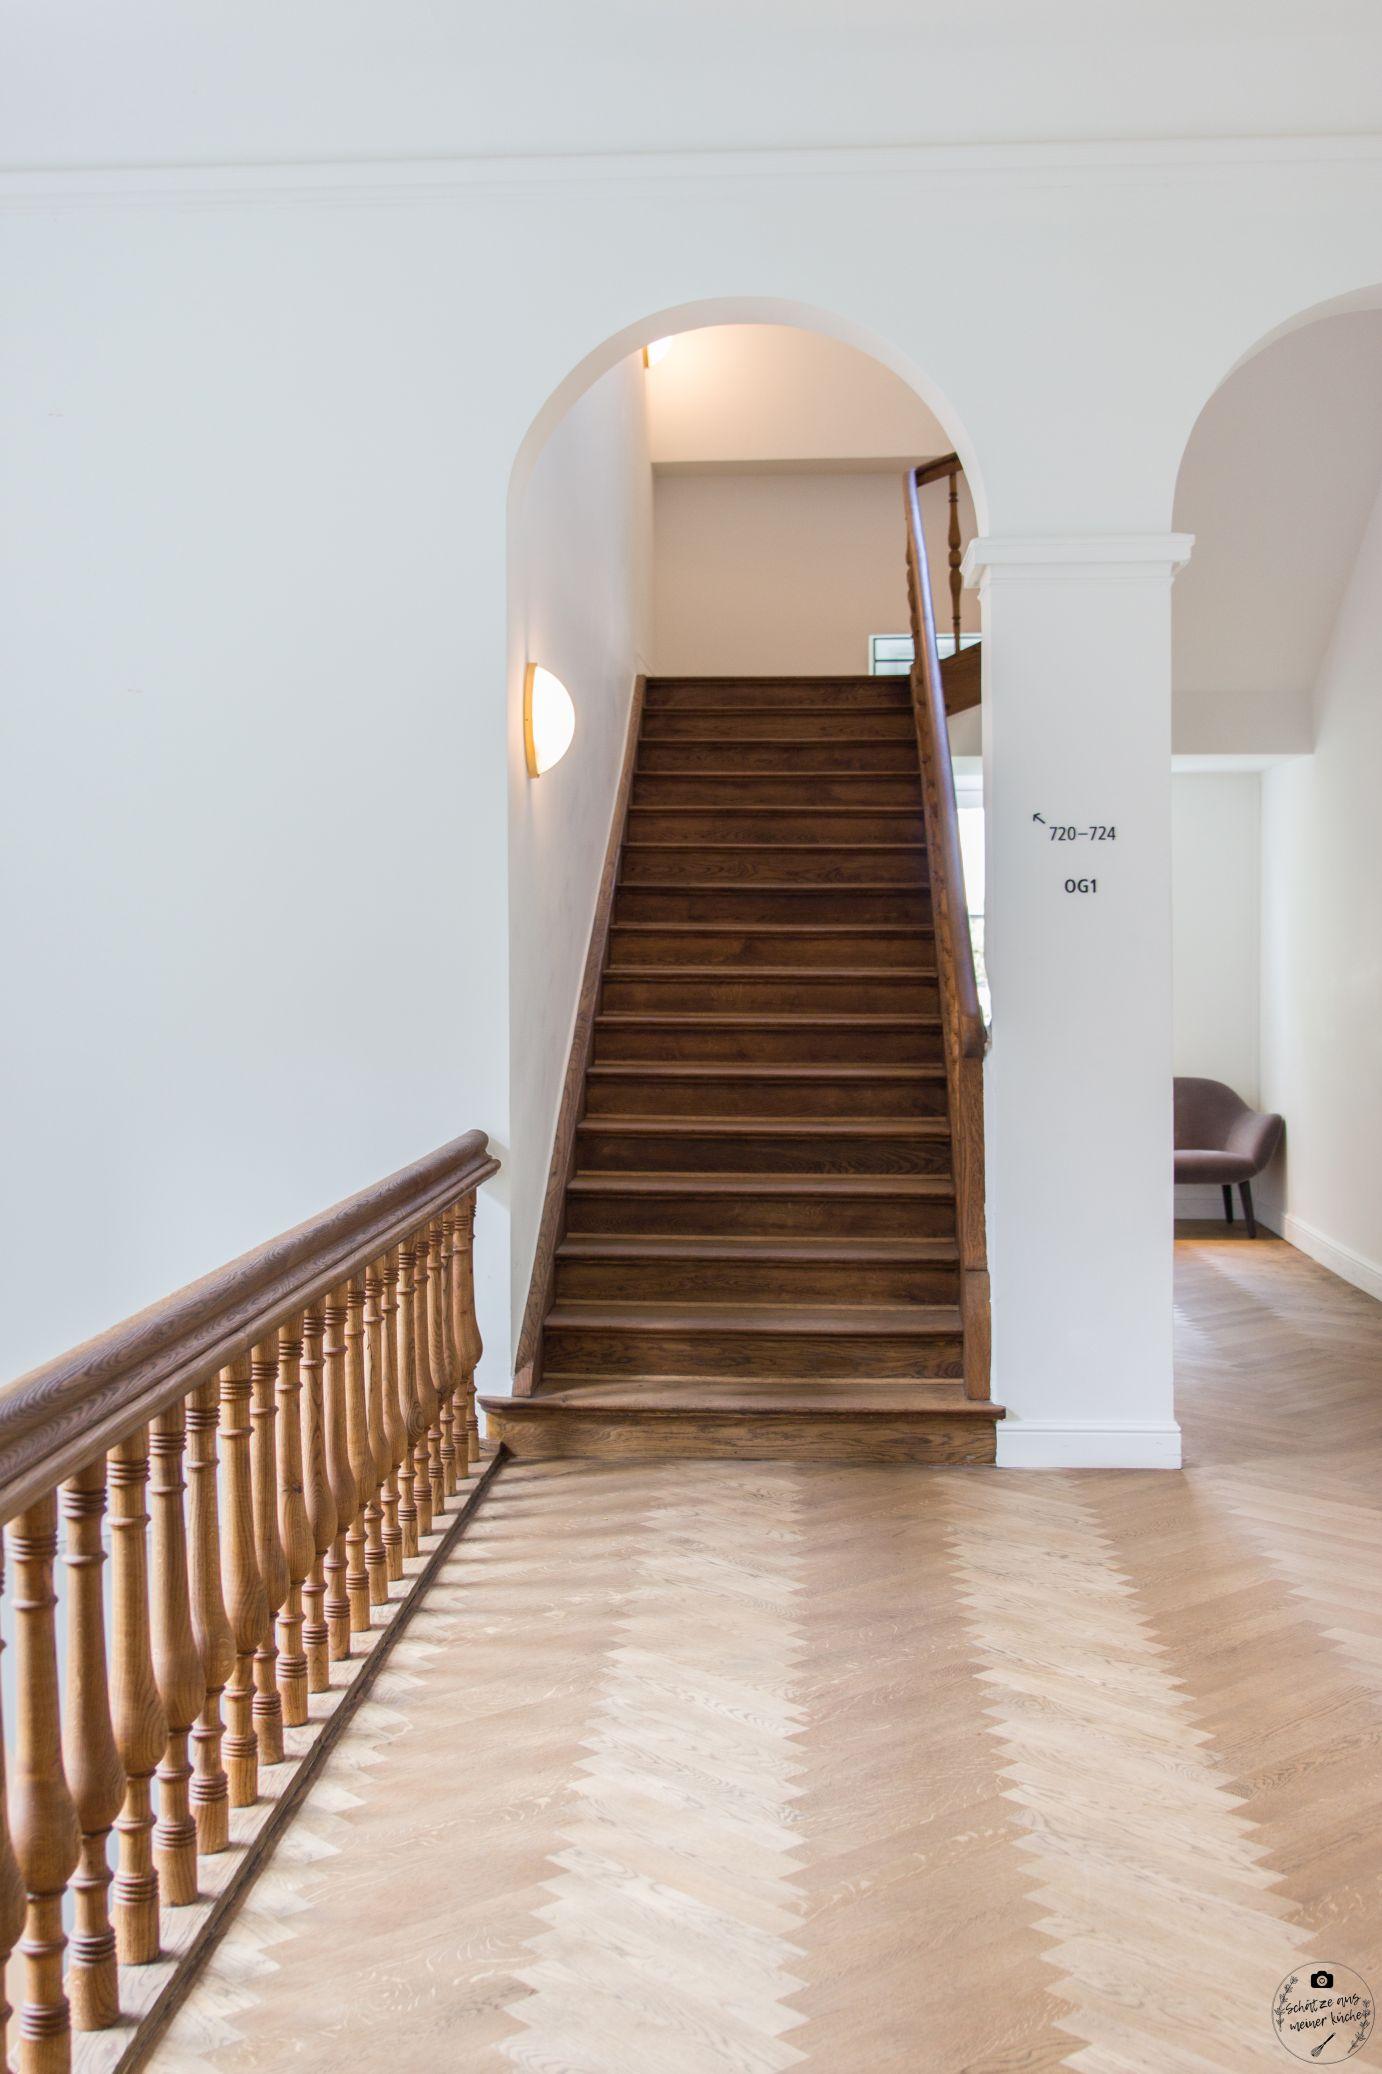 DAS TEGERNSEE Treppenaufgang Sengerschloss